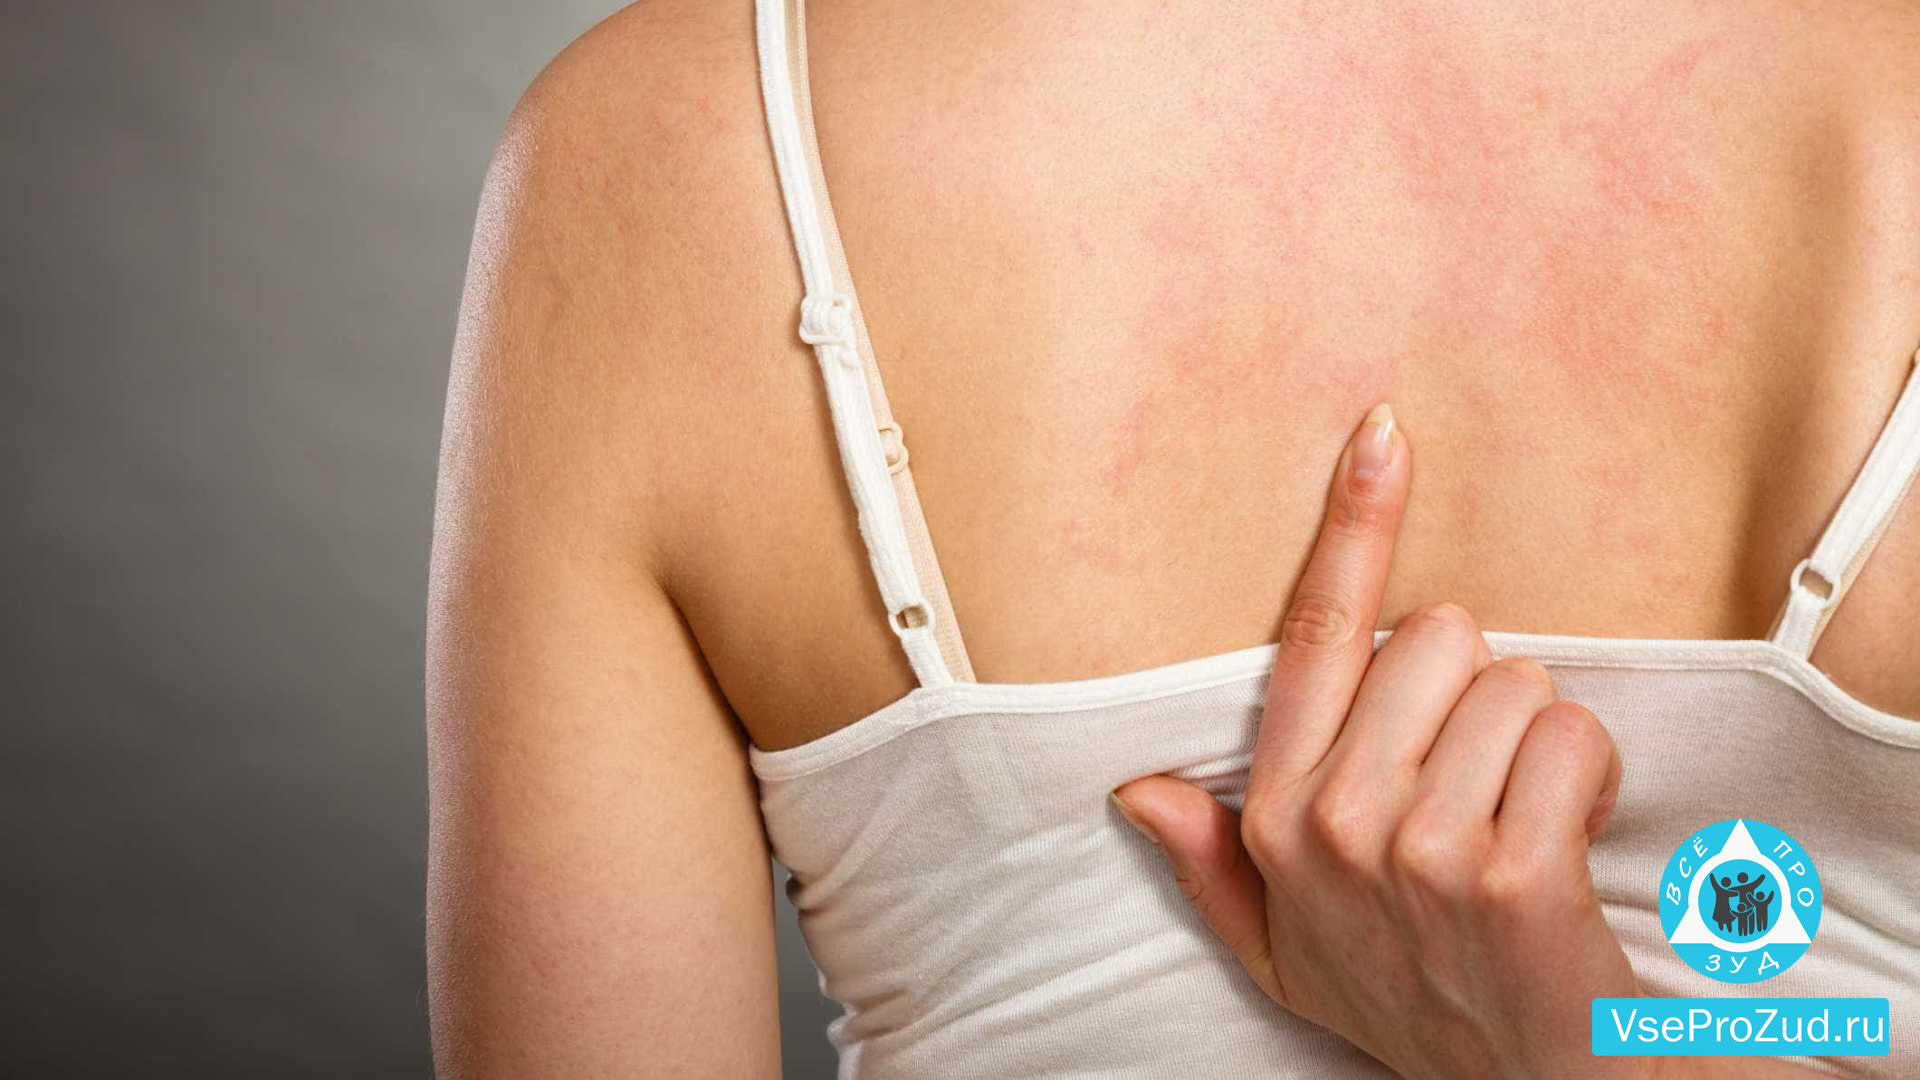 Покалывание по всему телу – это тревожный симптом или норма? Причины и лечение при появлении покалывания по всему телу - Автор Екатерина Данилова